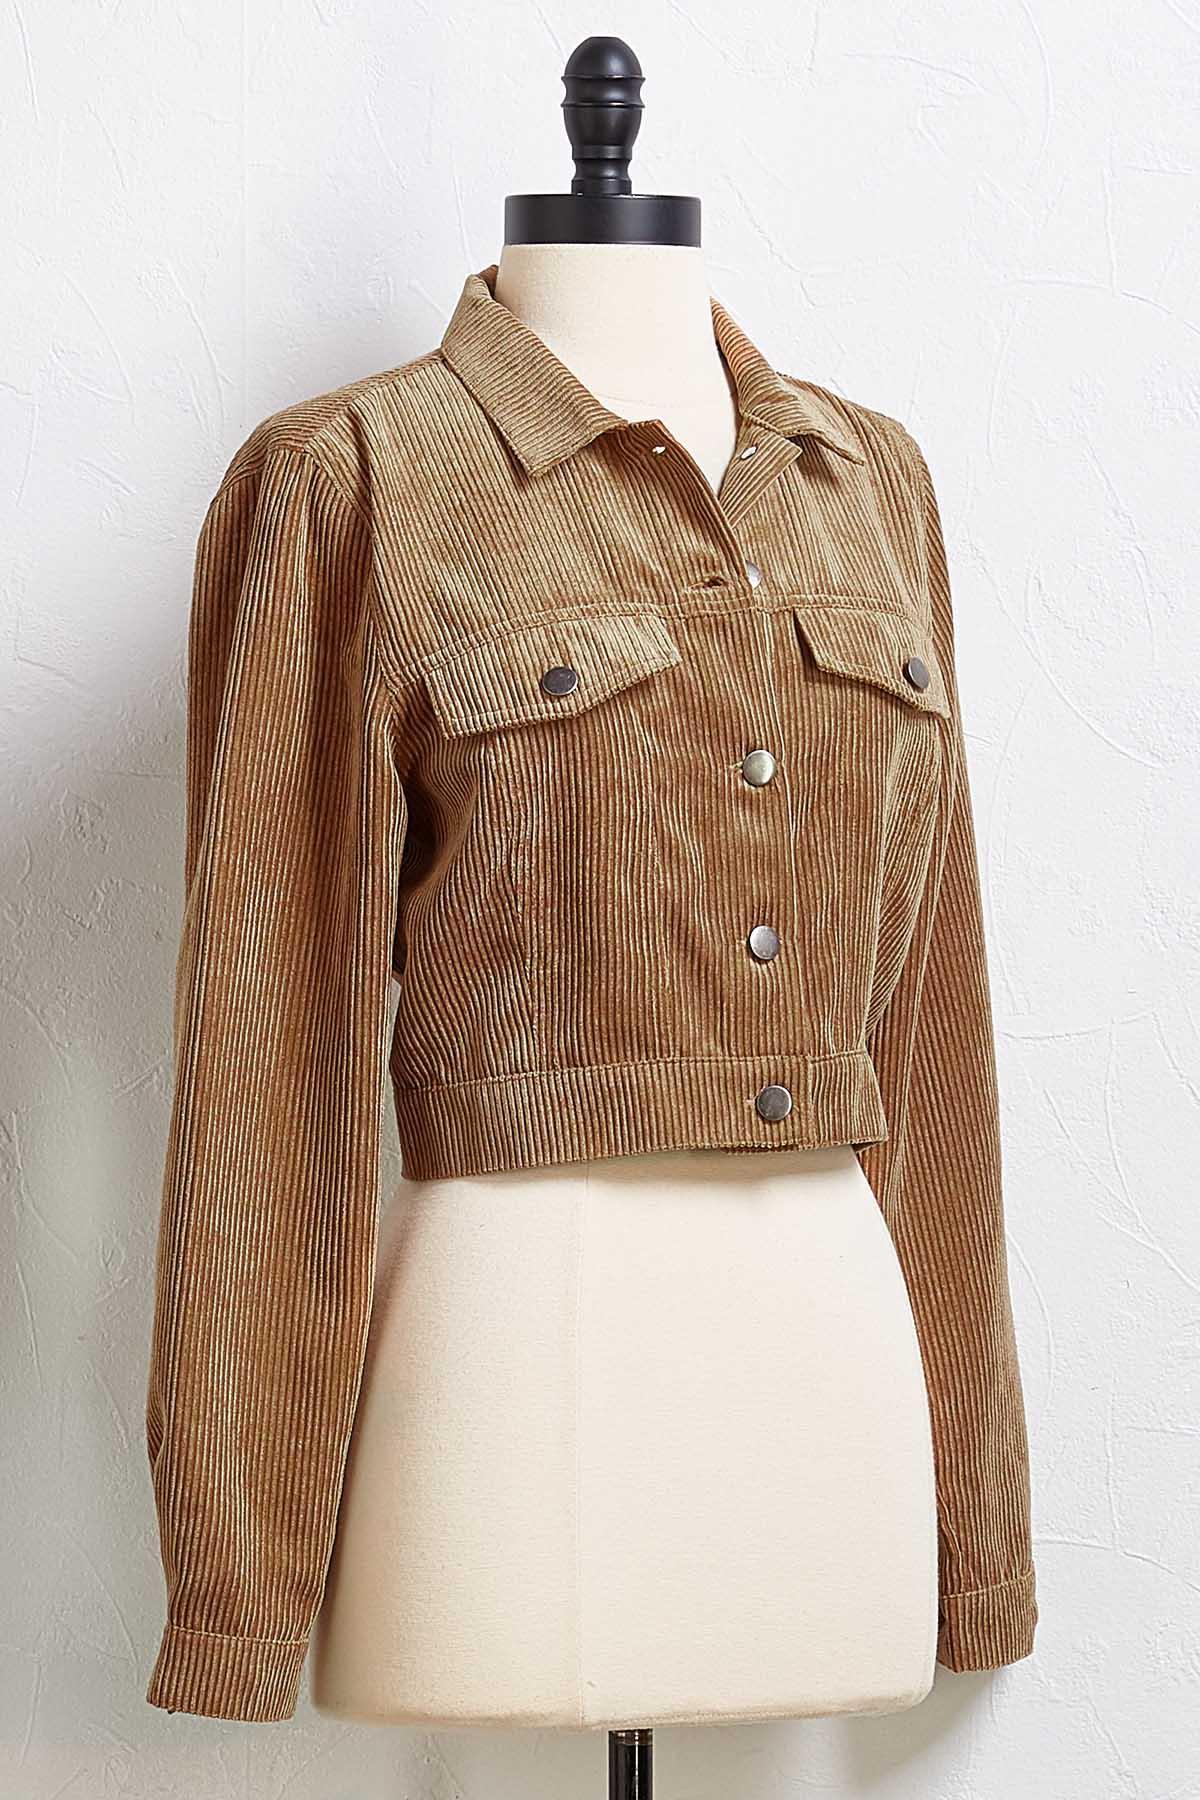 A Secret Cord Jacket